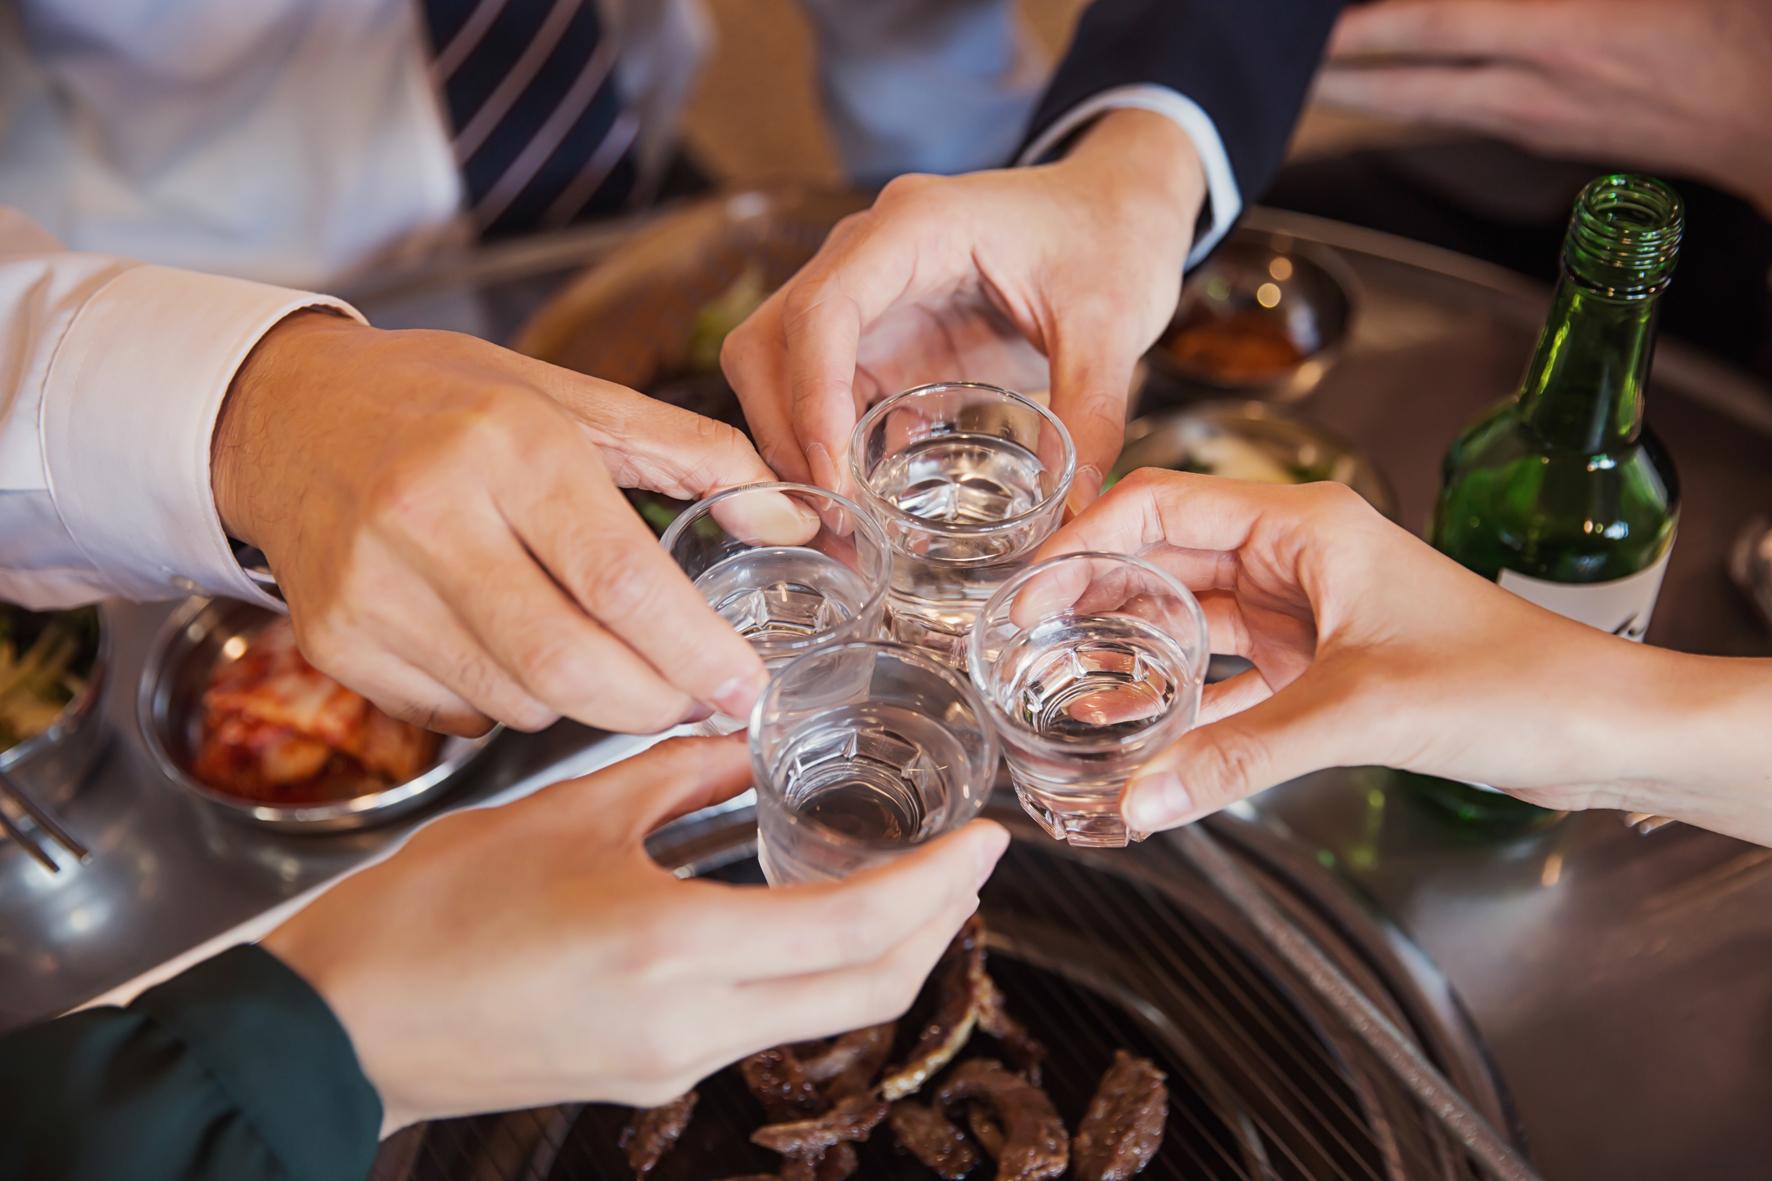 대학생은 다른 연령대보다 음주를 많이, 자주 하는 편이다. [중앙포토]